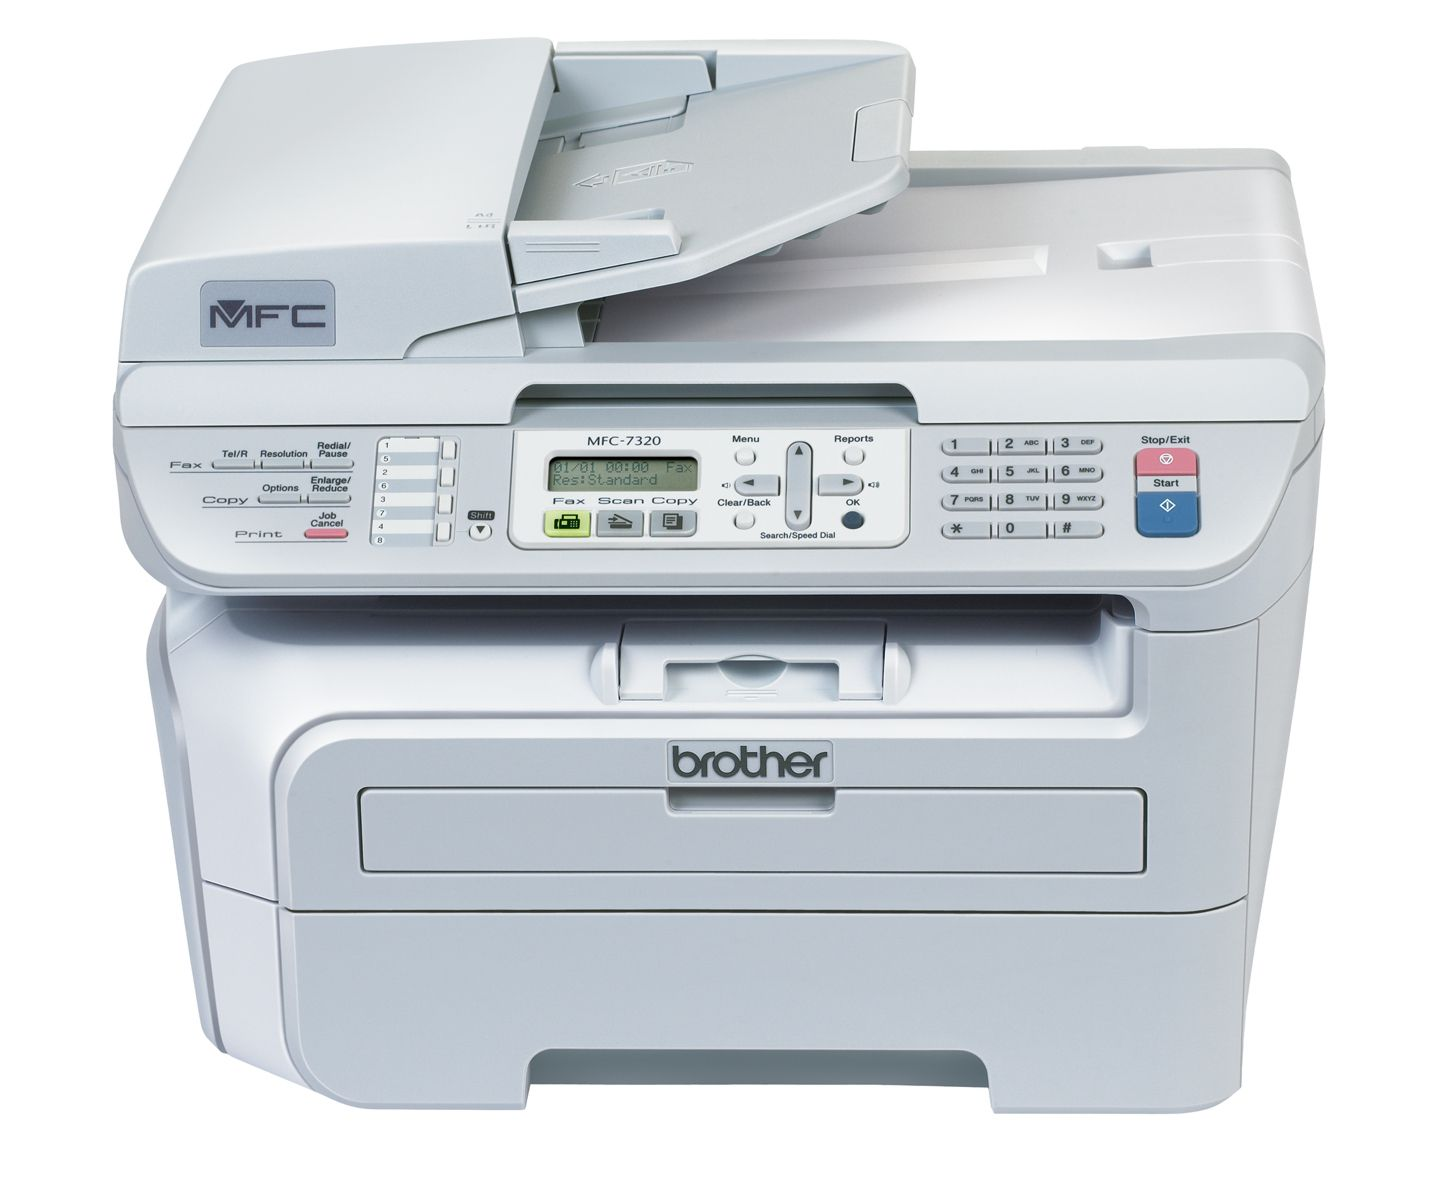 Принтер Brother MFC-7320